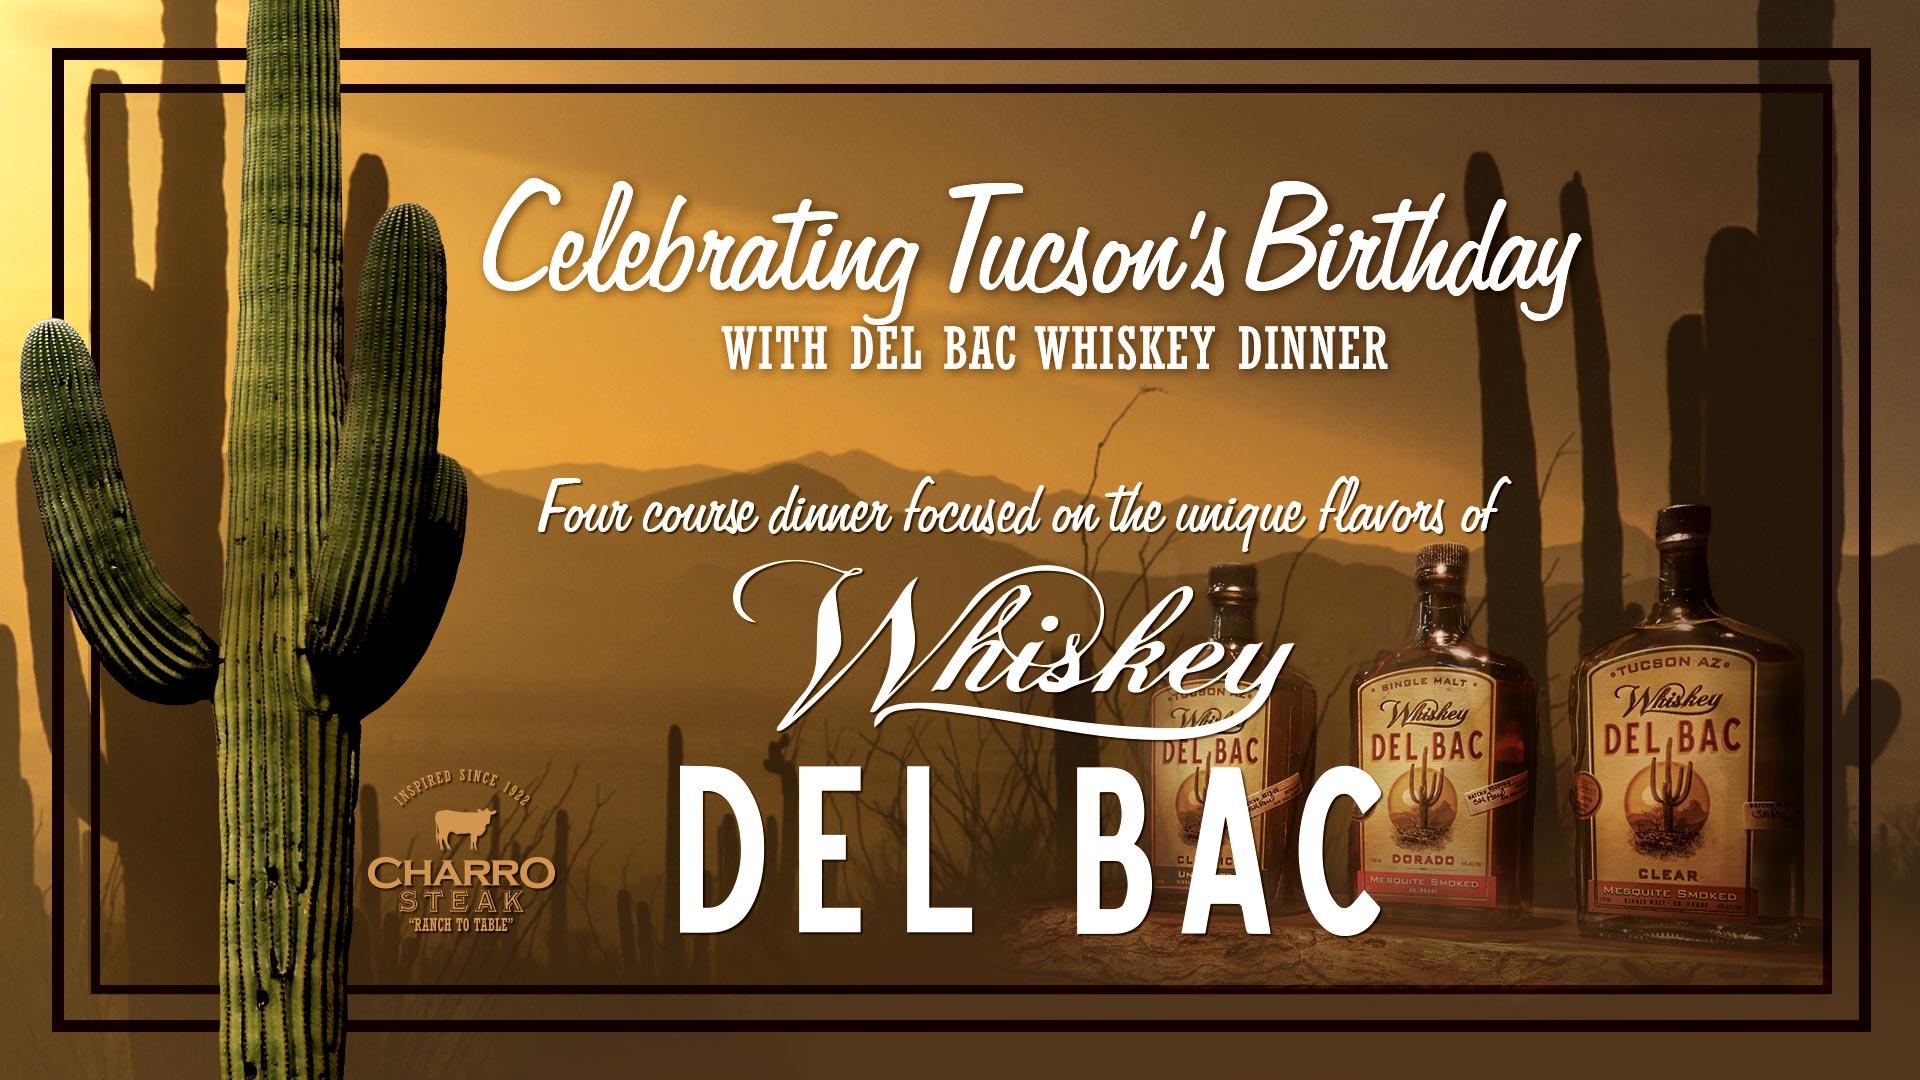 Del Bac Whiskey Dinner